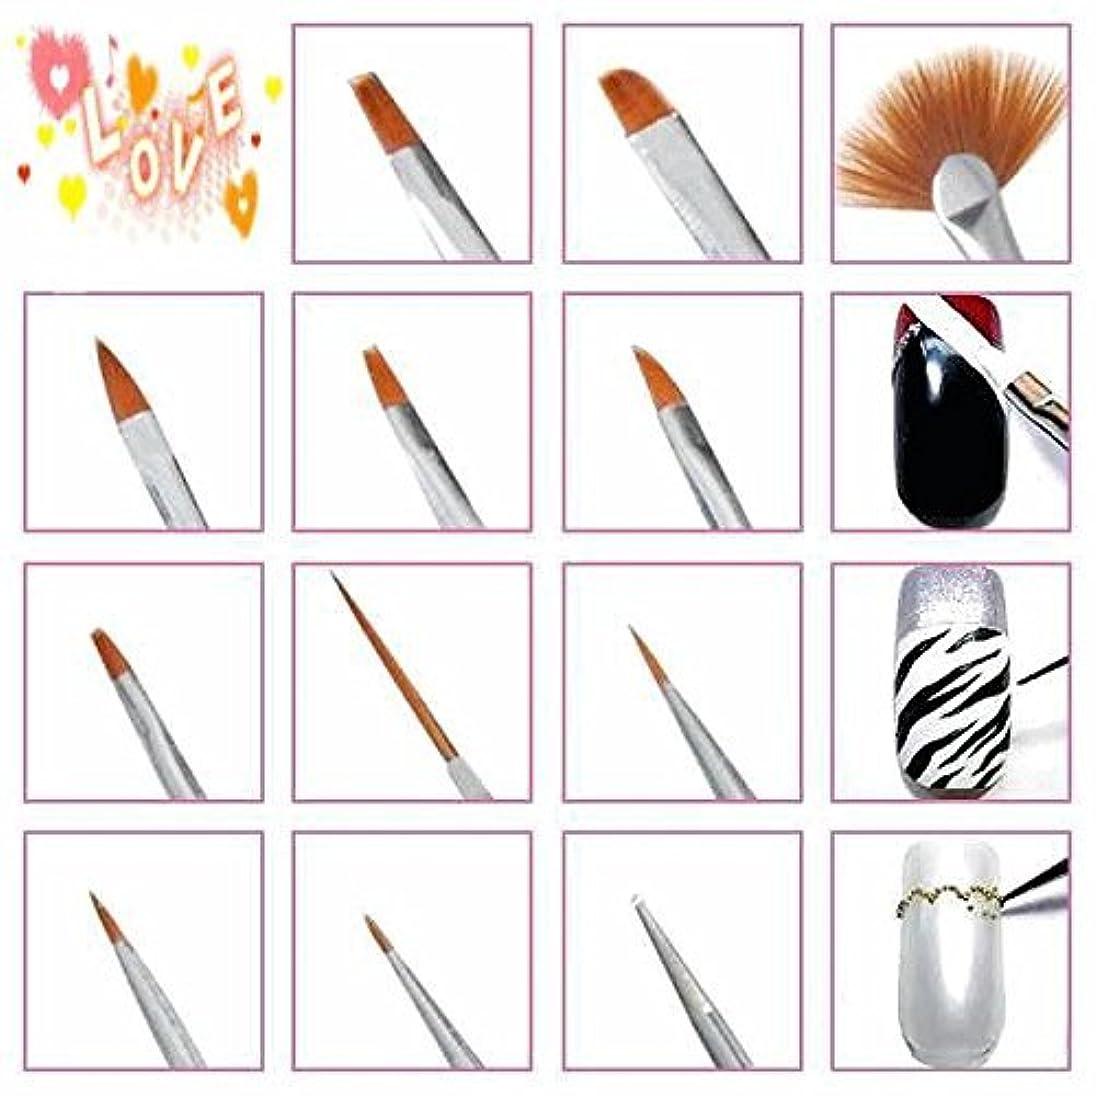 サイトラインクリエイティブ再撮りRaiFu ネイルアートデザインキット モンスタープロ 美容 化粧品 アーティスト 供給 工芸 20PCS